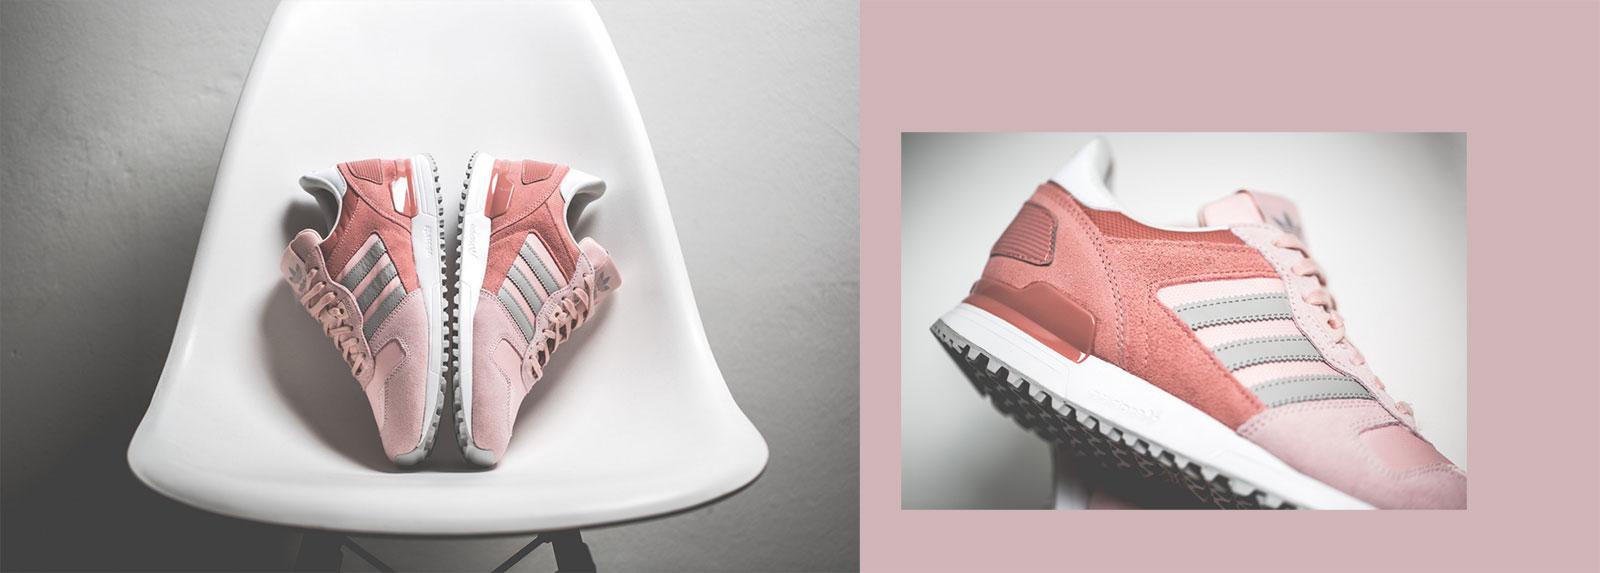 adidas-zx-700-w-rosa